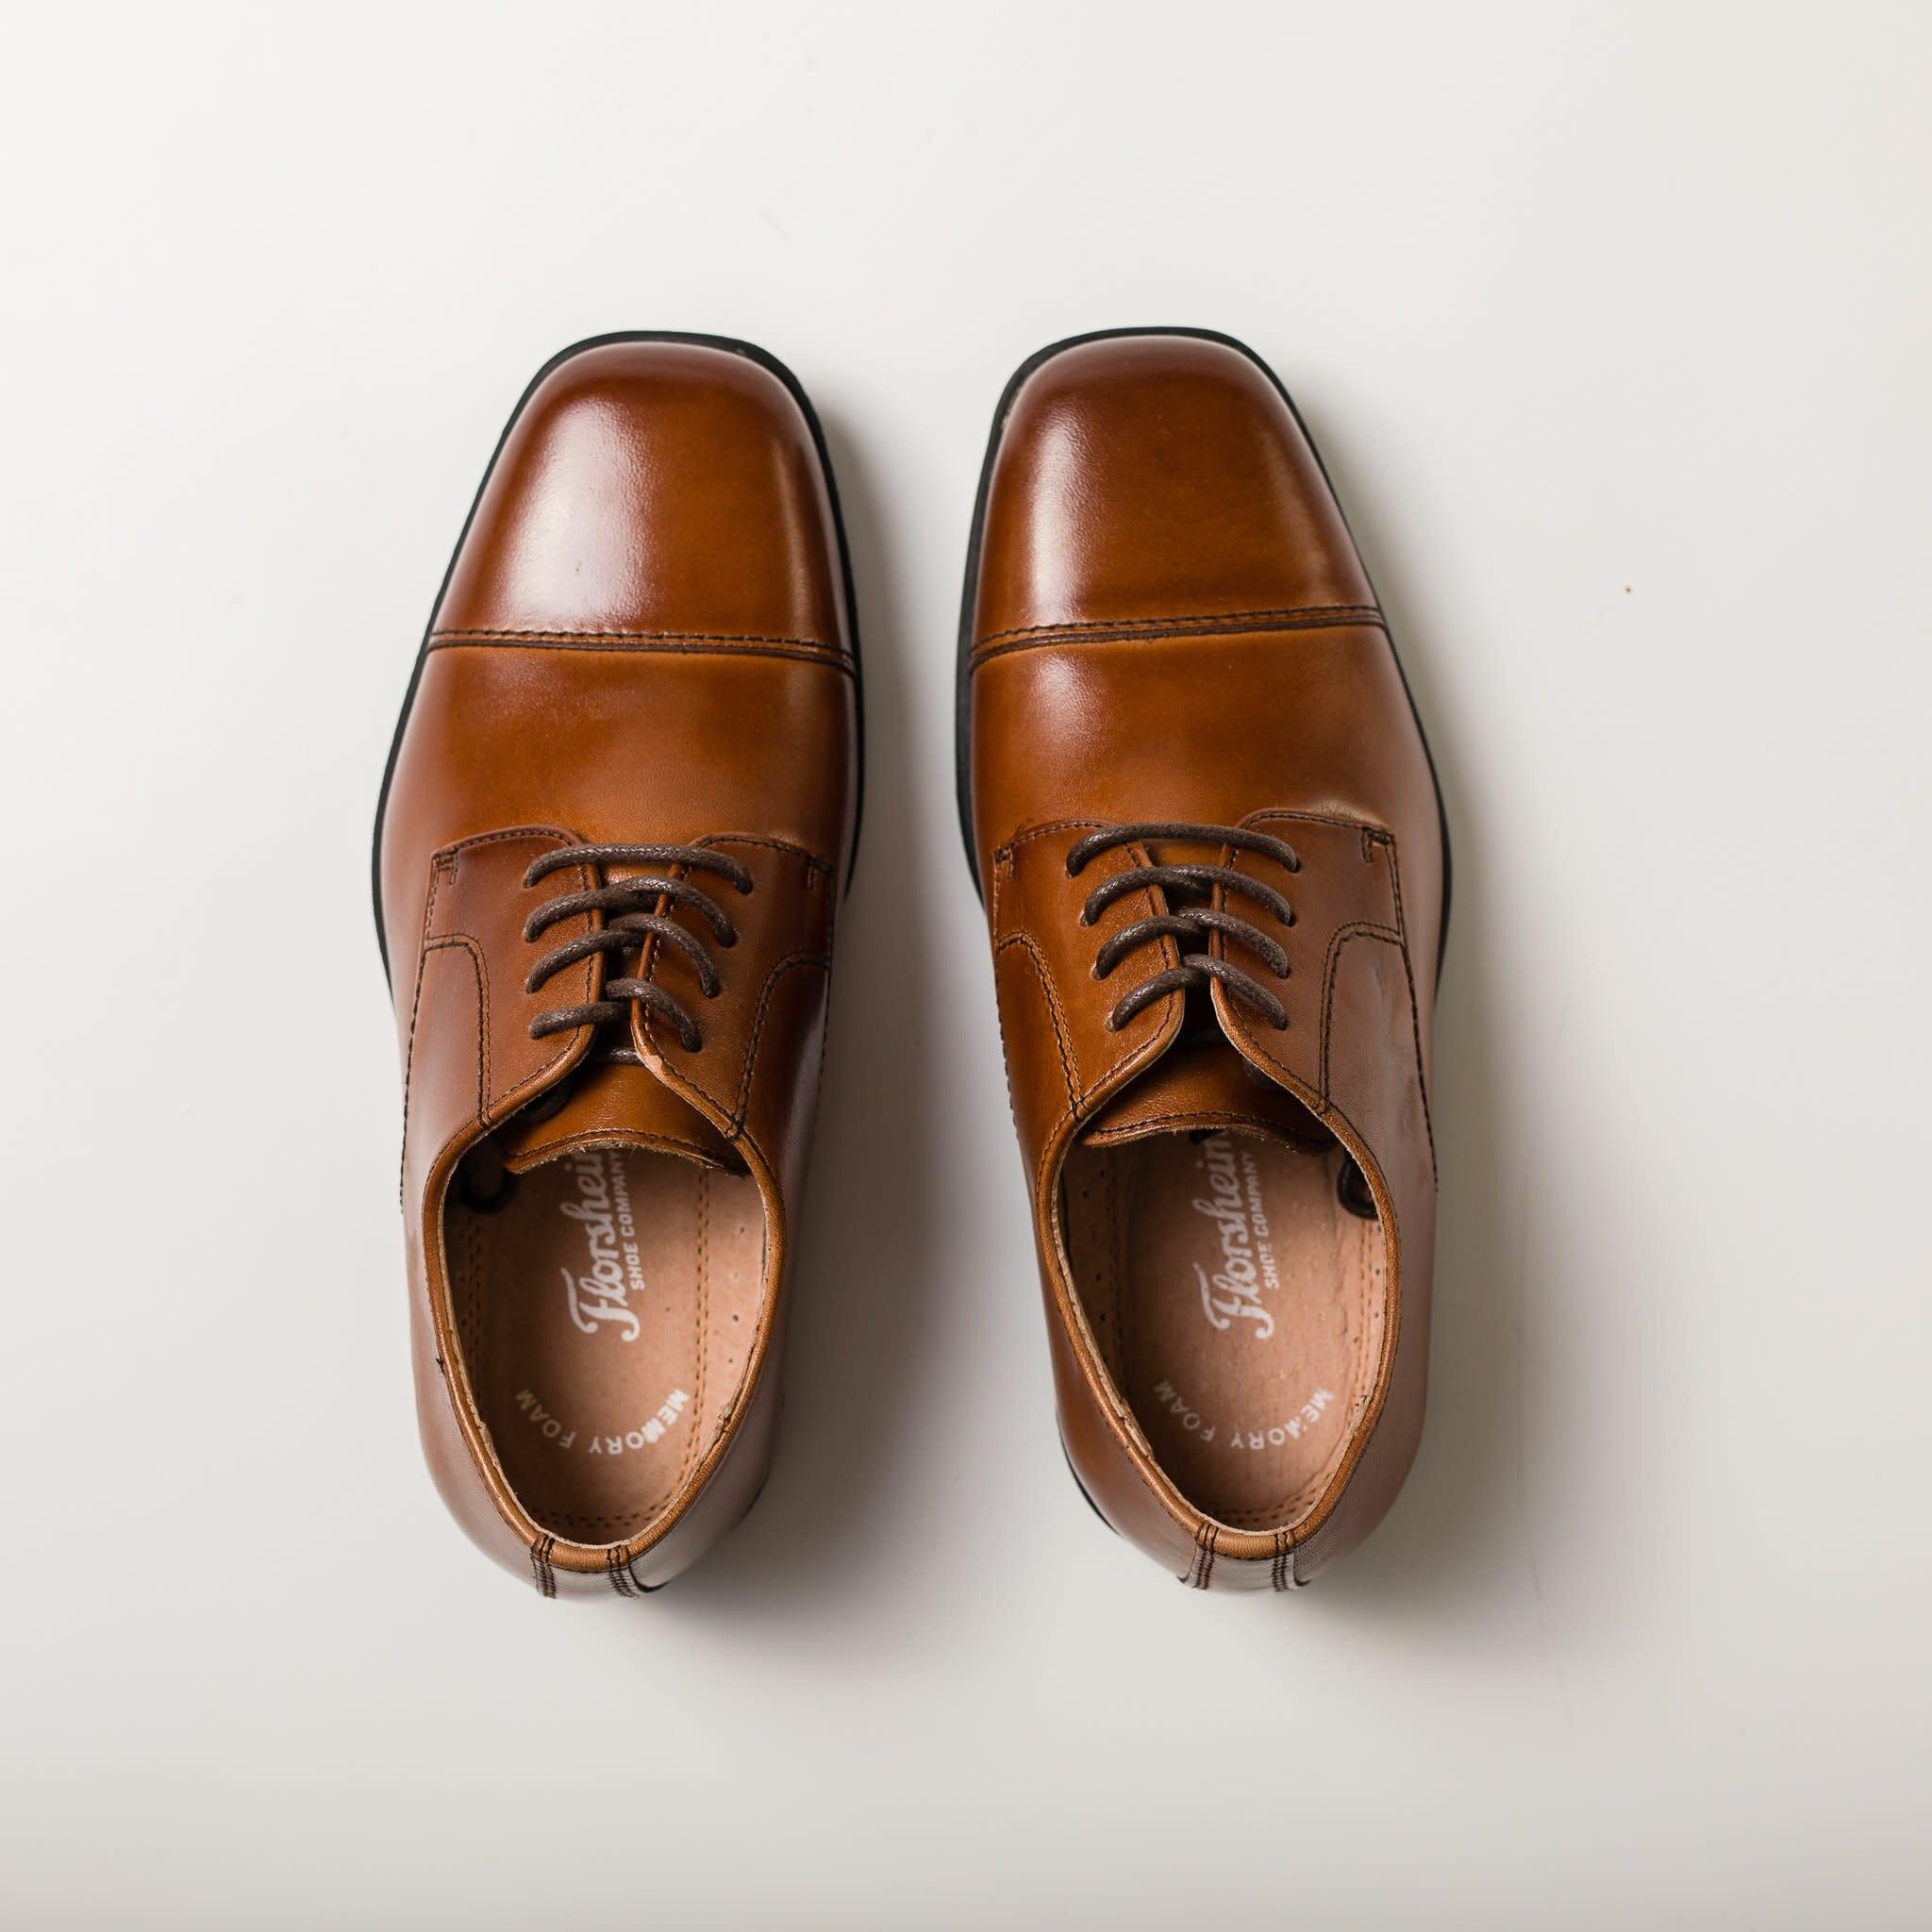 Boys Simple Lace Up Dress Shoe - Cognac